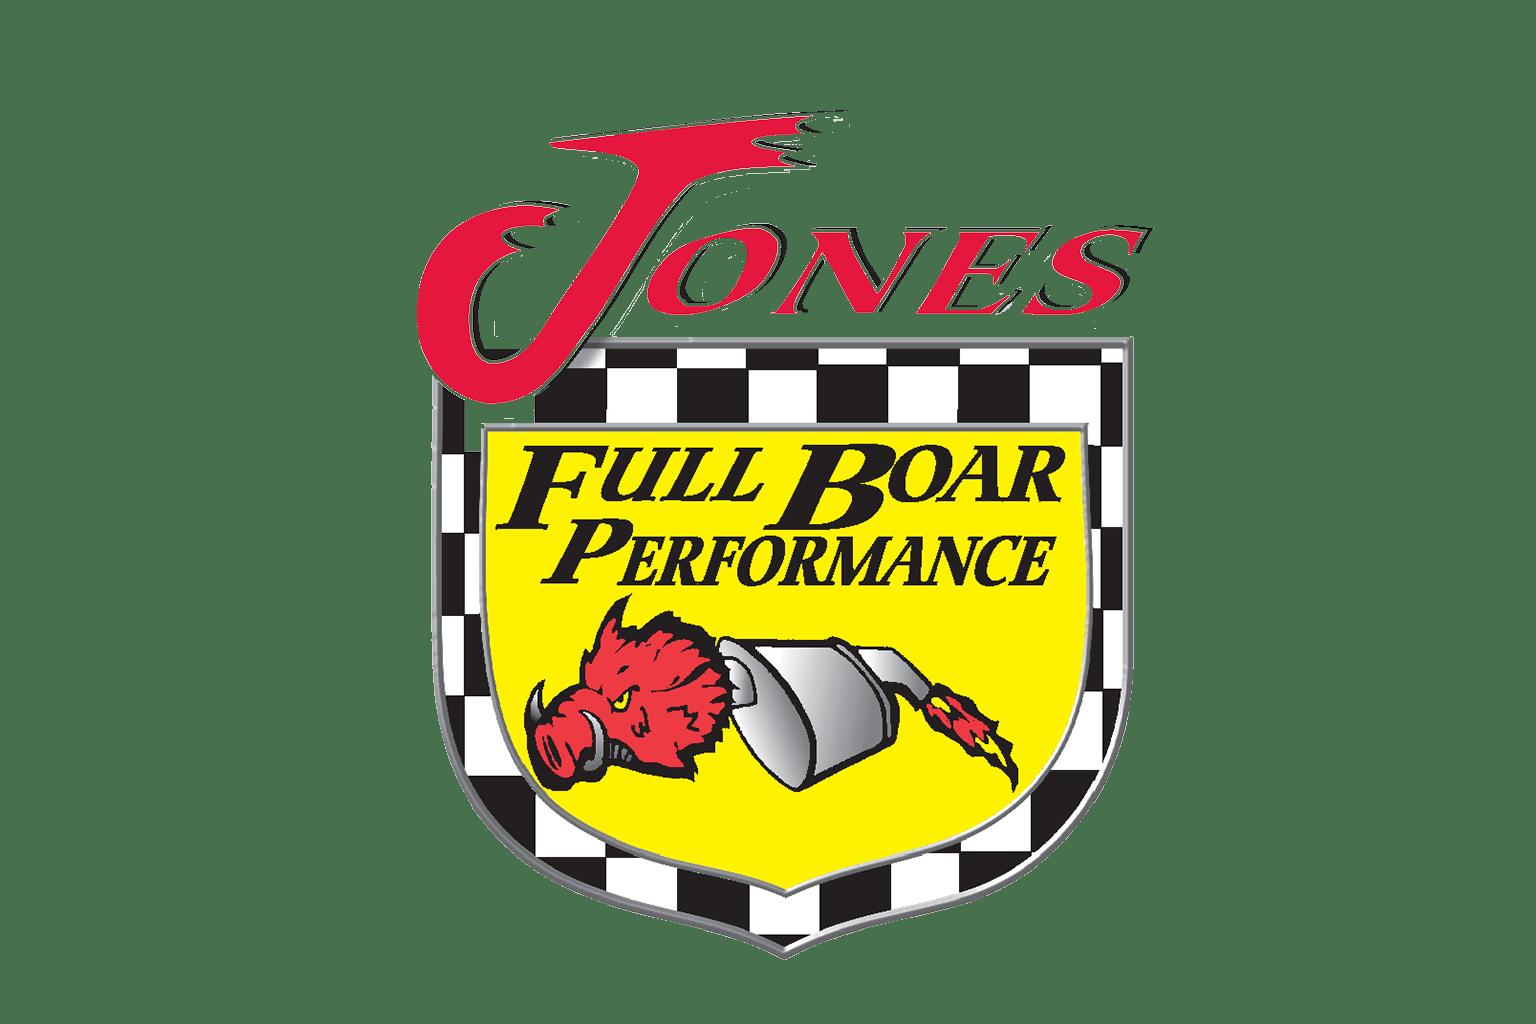 Jones Exhaust